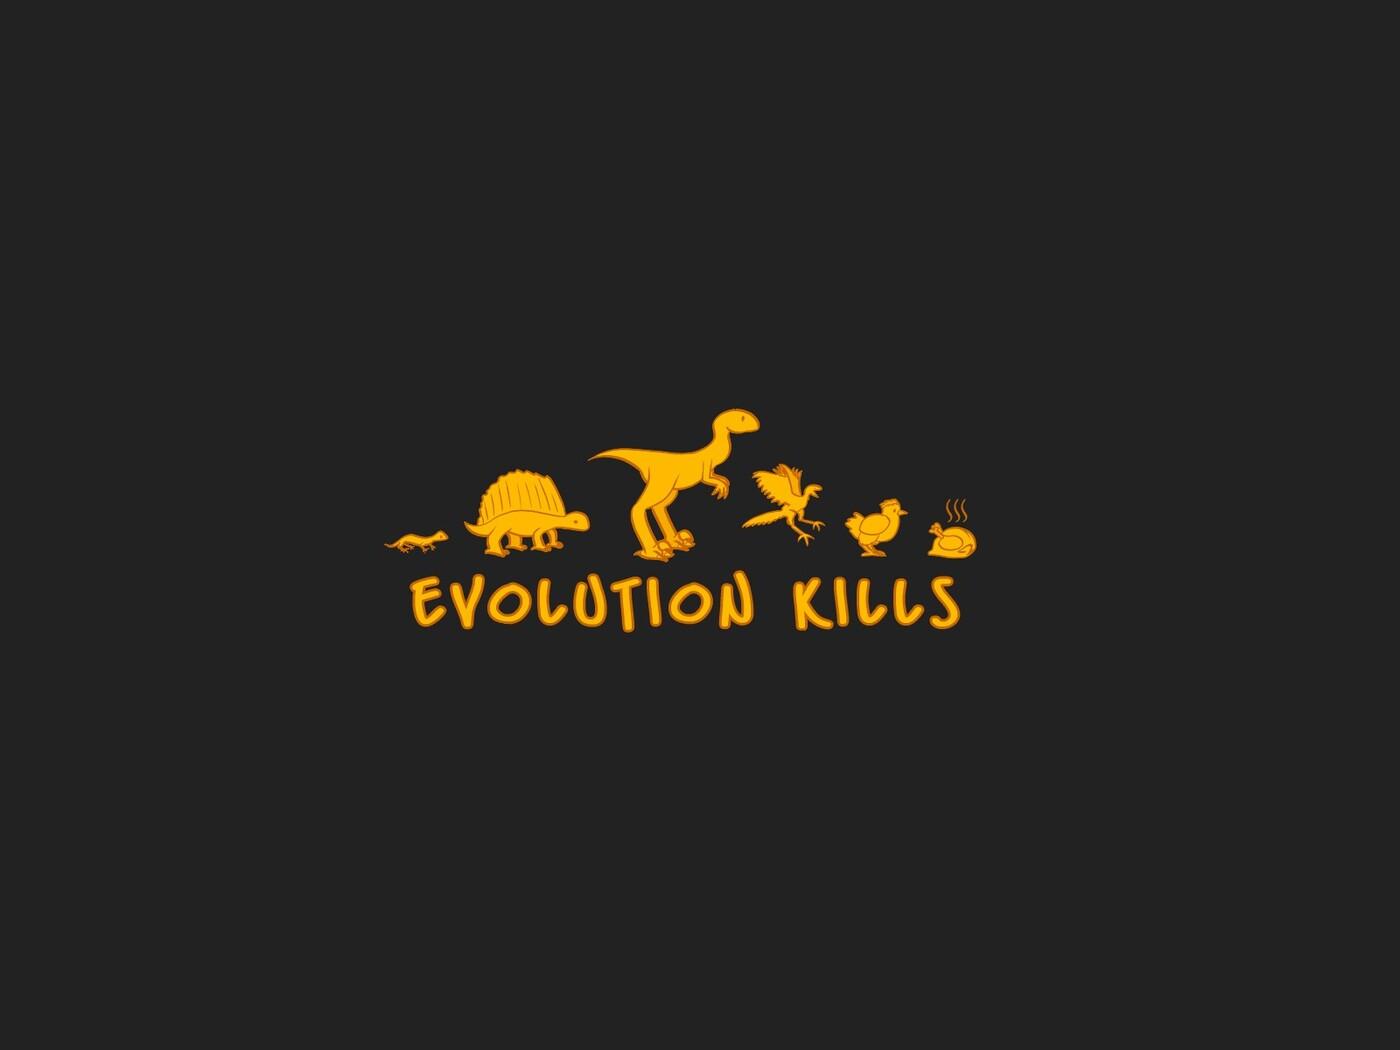 evolution-kills.jpg